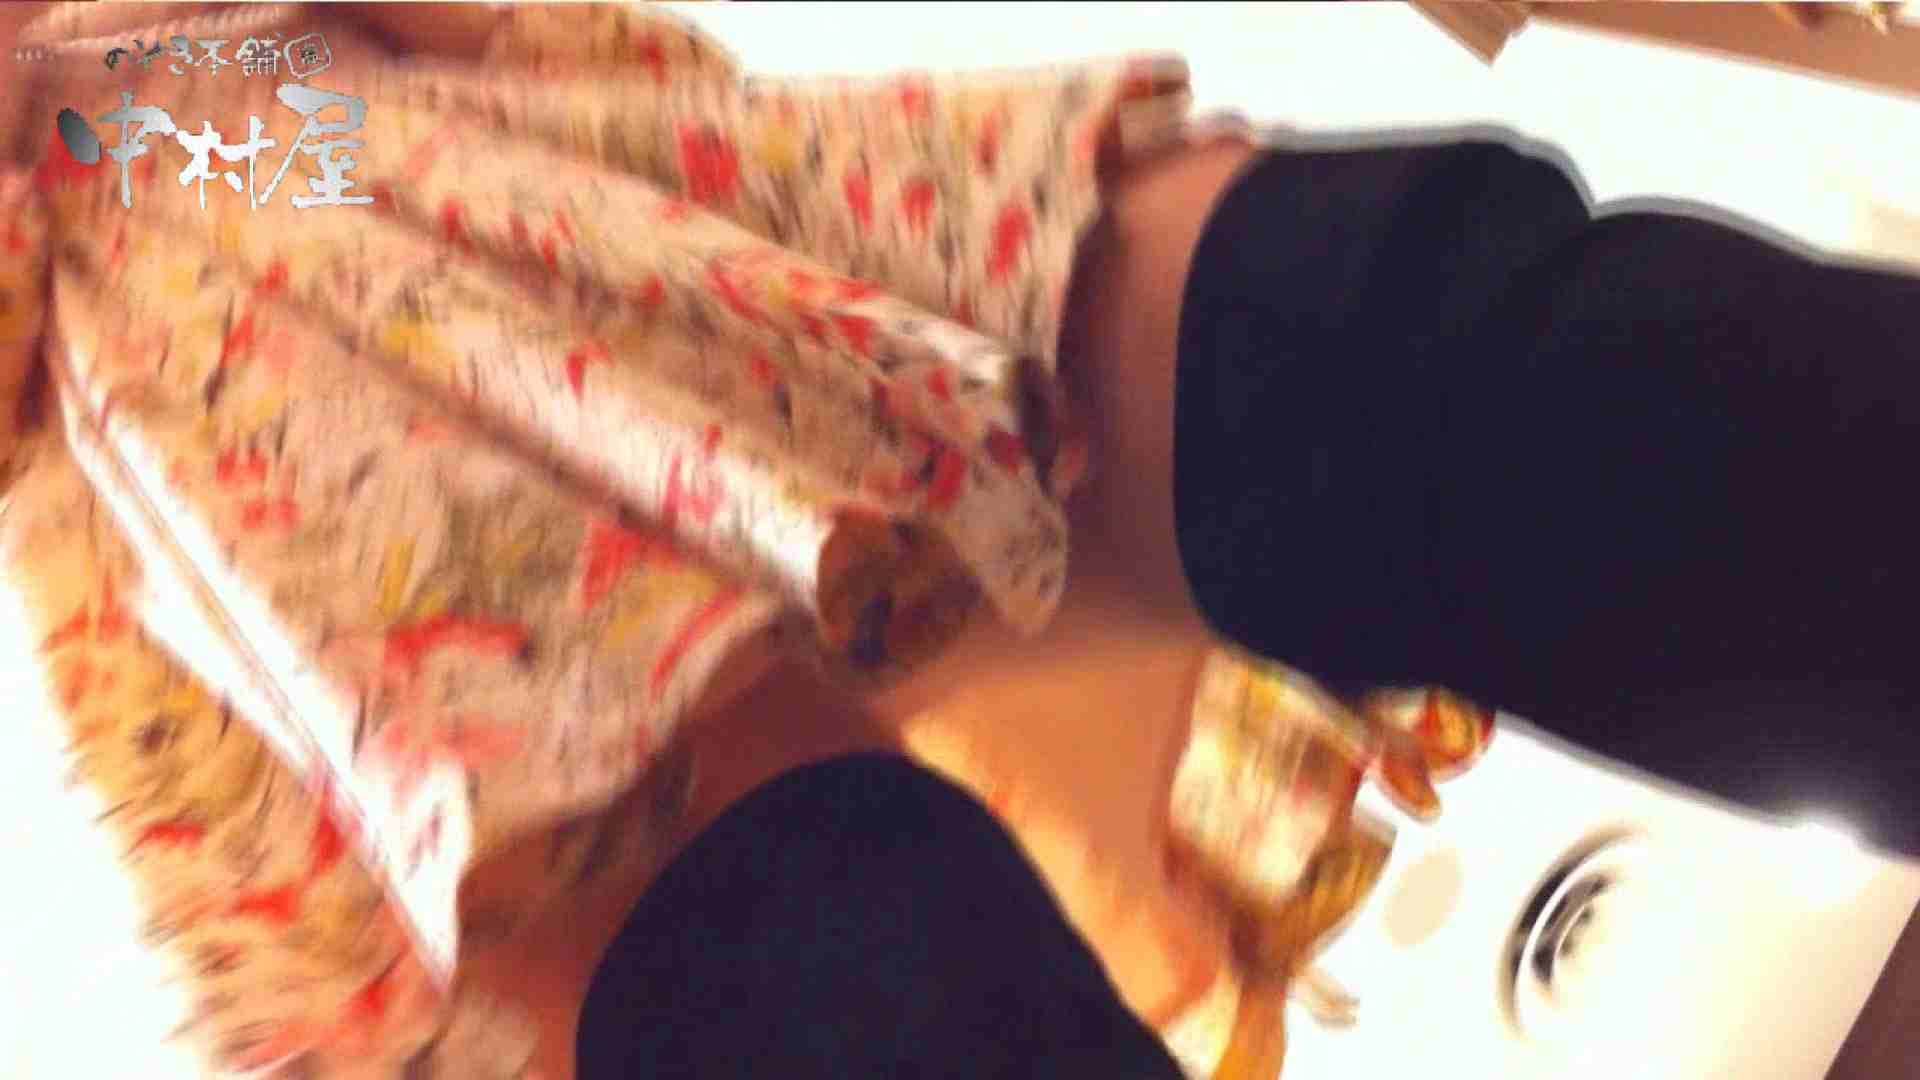 vol.57 美人アパレル胸チラ&パンチラ 激カワ店員のおっぱい 接写 おまんこ動画流出 99pic 16